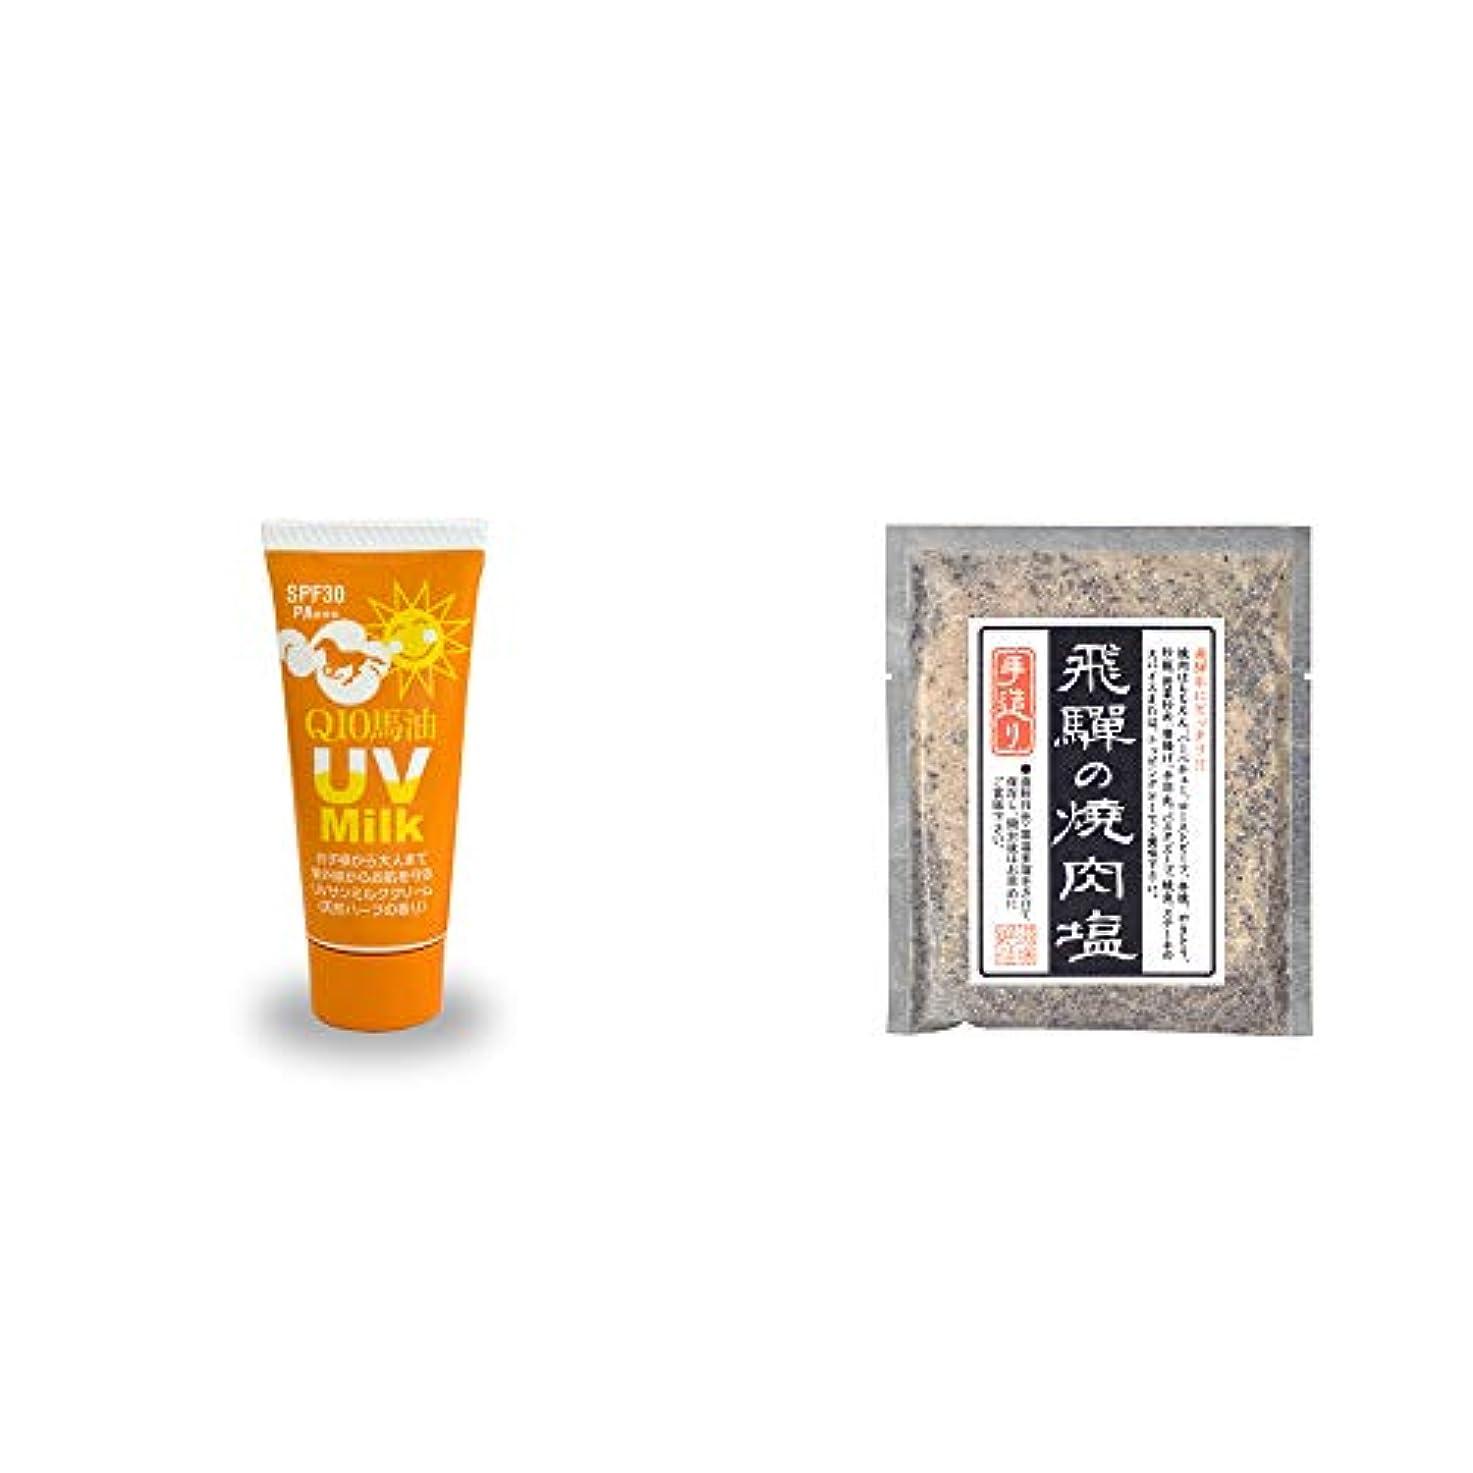 流星課すヘア[2点セット] 炭黒泉 Q10馬油 UVサンミルク[天然ハーブ](40g)?手造り 飛騨の焼肉塩(80g)